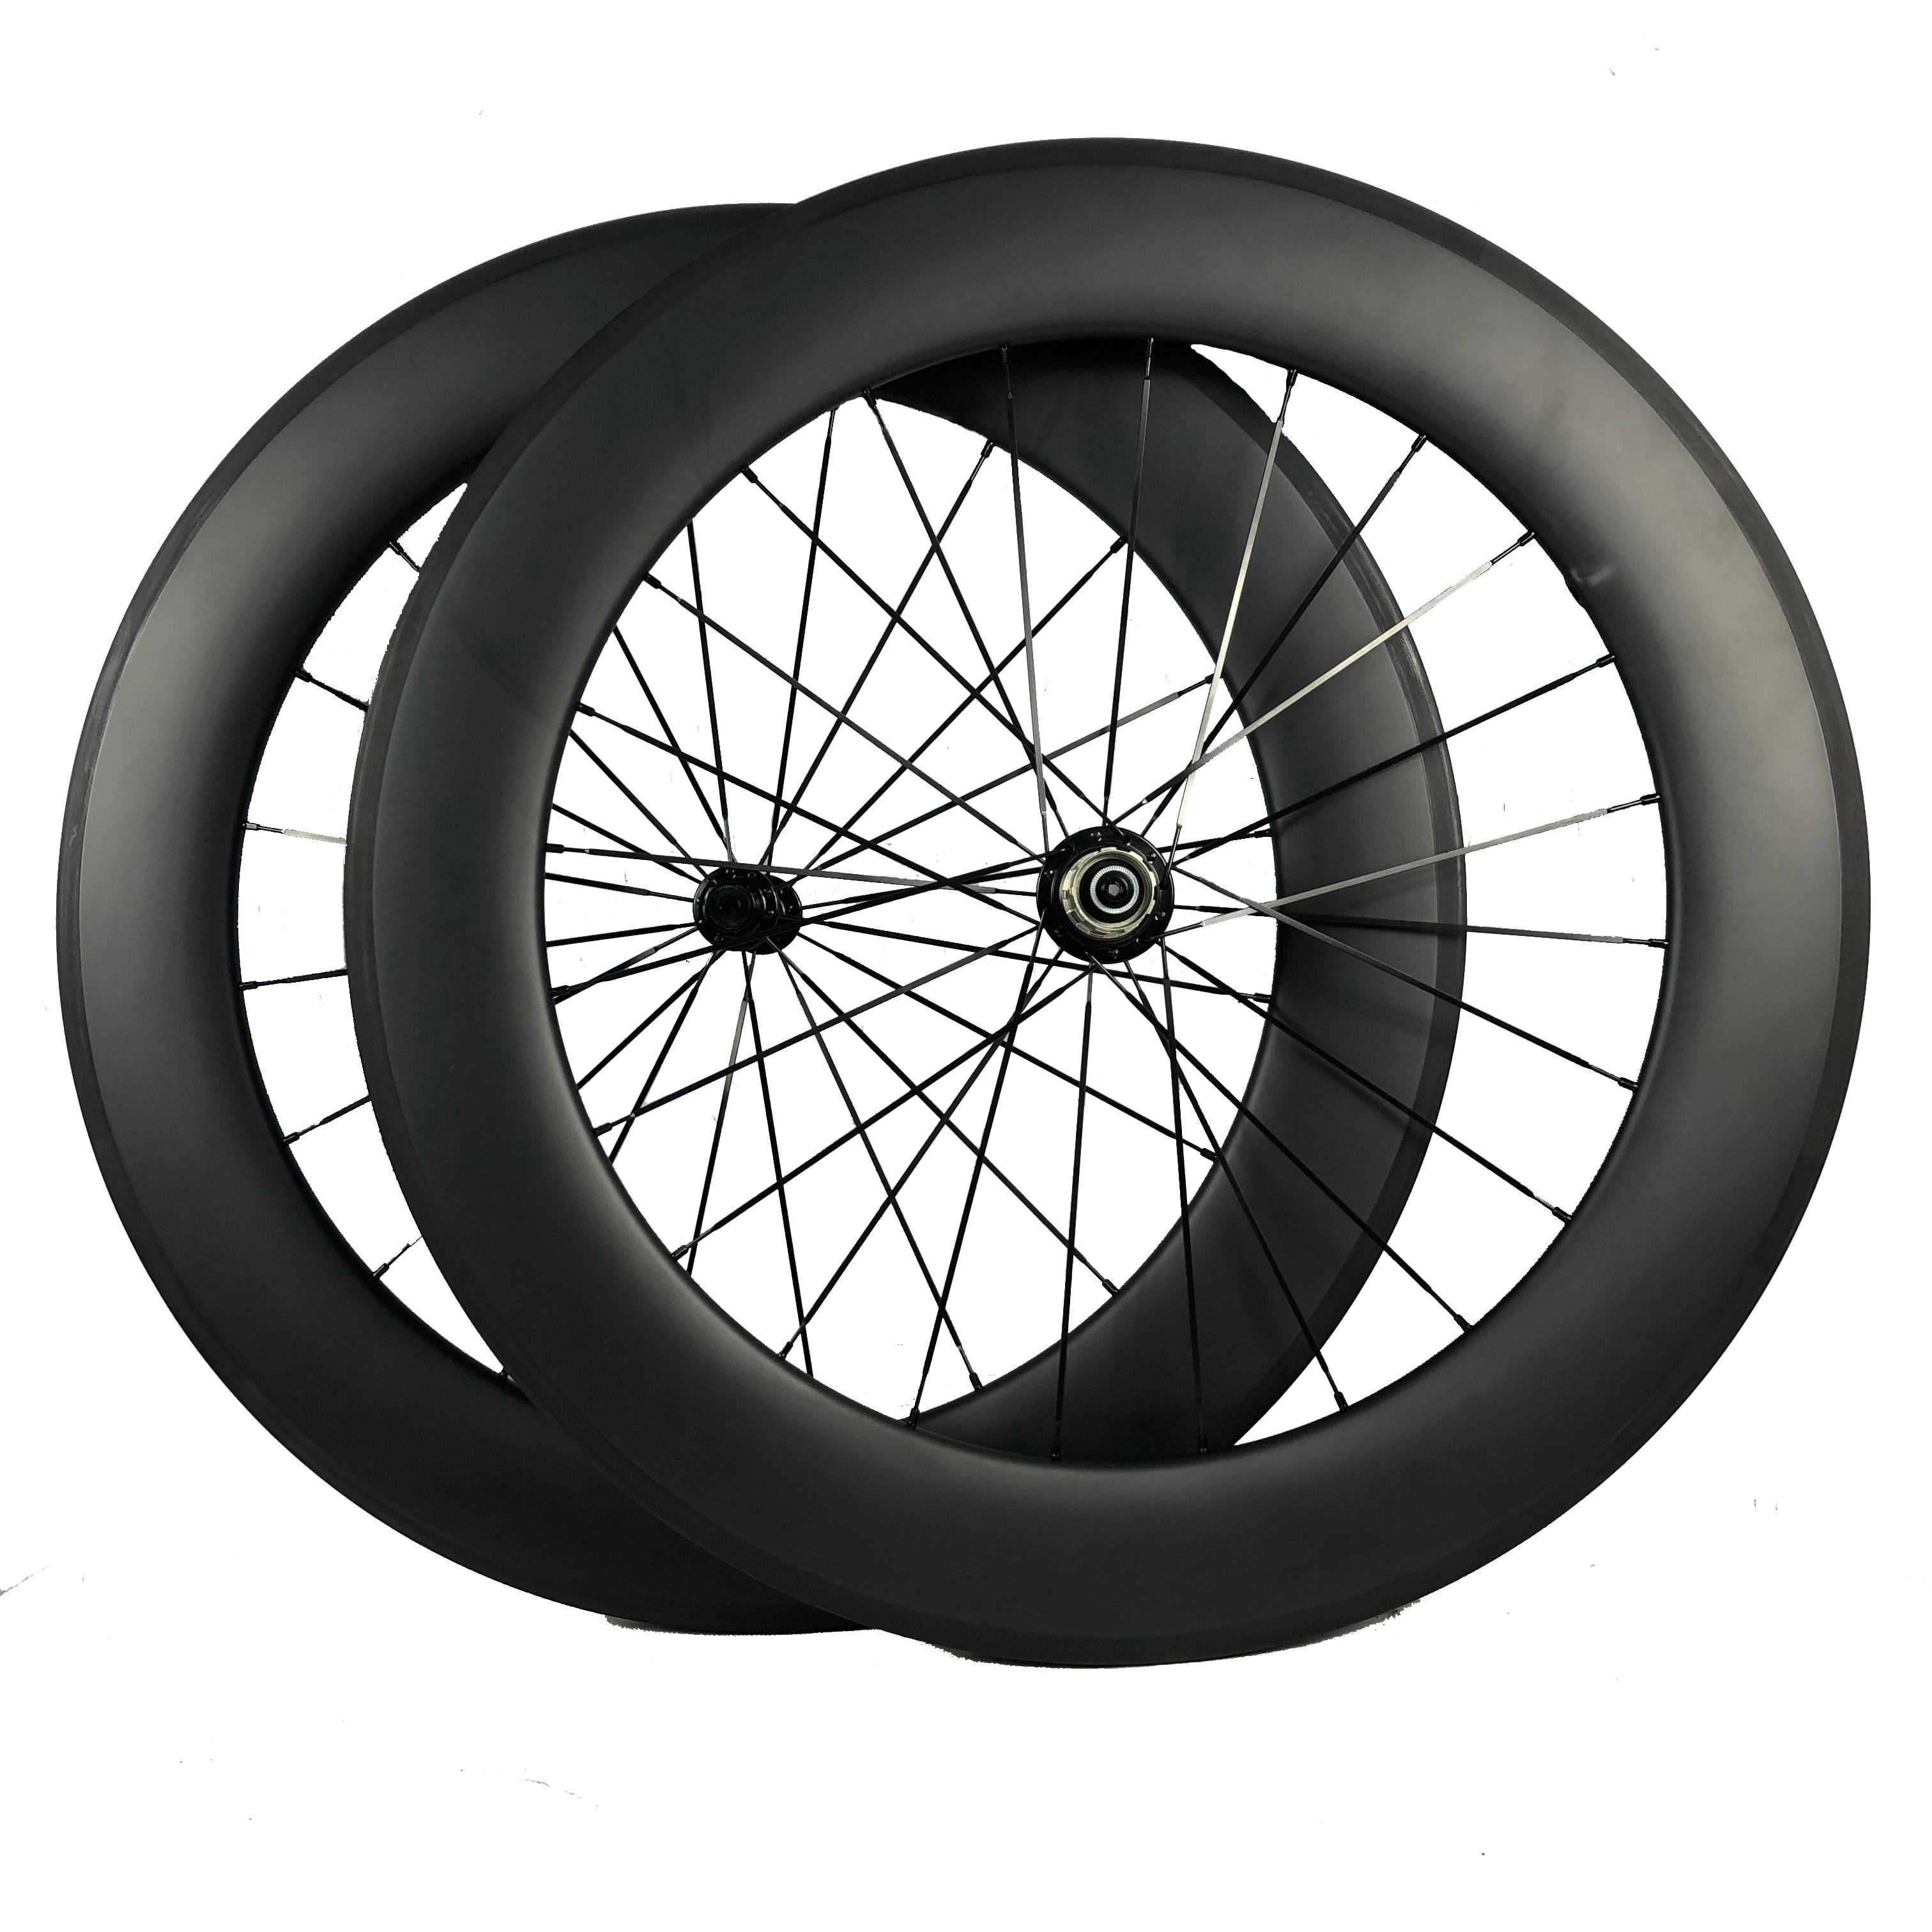 Feito à mão tecnologia carbono rodas de estrada triathlon rodado 700c 25mm de largura u perfil 80mm roda novatec/r36 r13 dt 350 240s hub